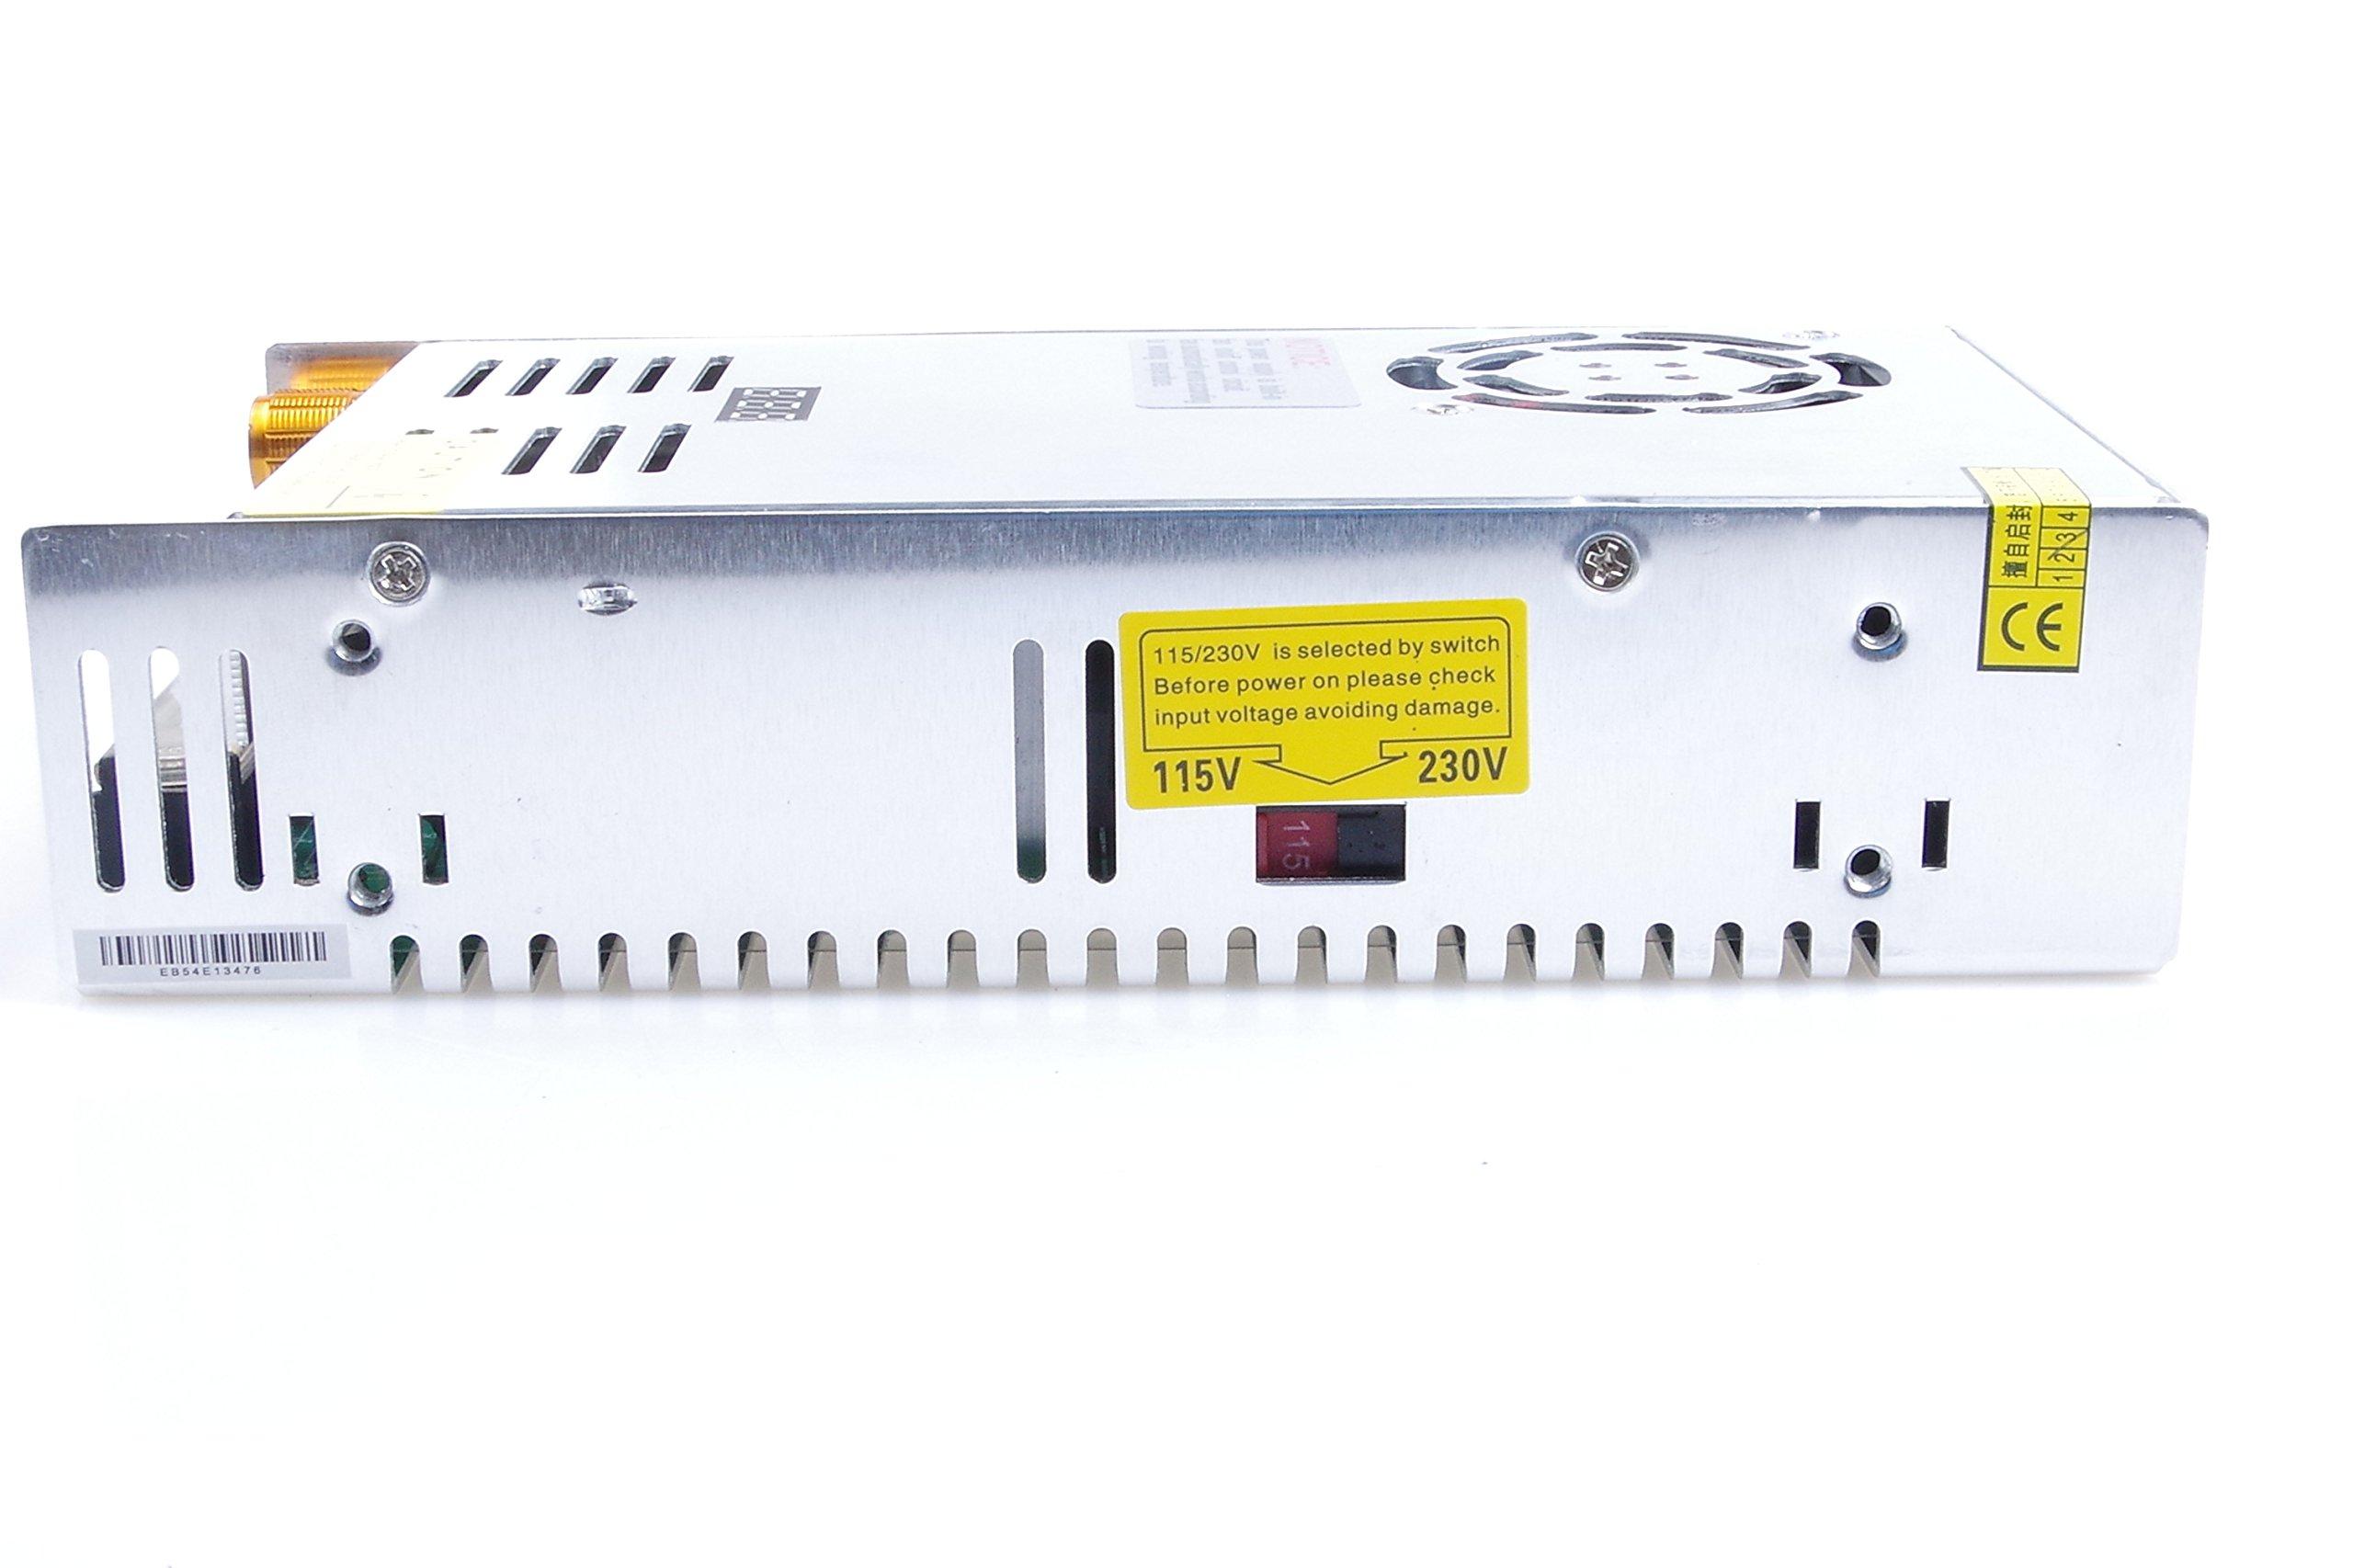 Adjustable DC Power Voltage Converter AC 110V-220V to DC 0-80V Module 80V 6A Switching Power Supply Digital Display 480W Voltage Regulator Transformer Built in Cooling Fan (DC 0-80V 6A) by TOFKE (Image #7)